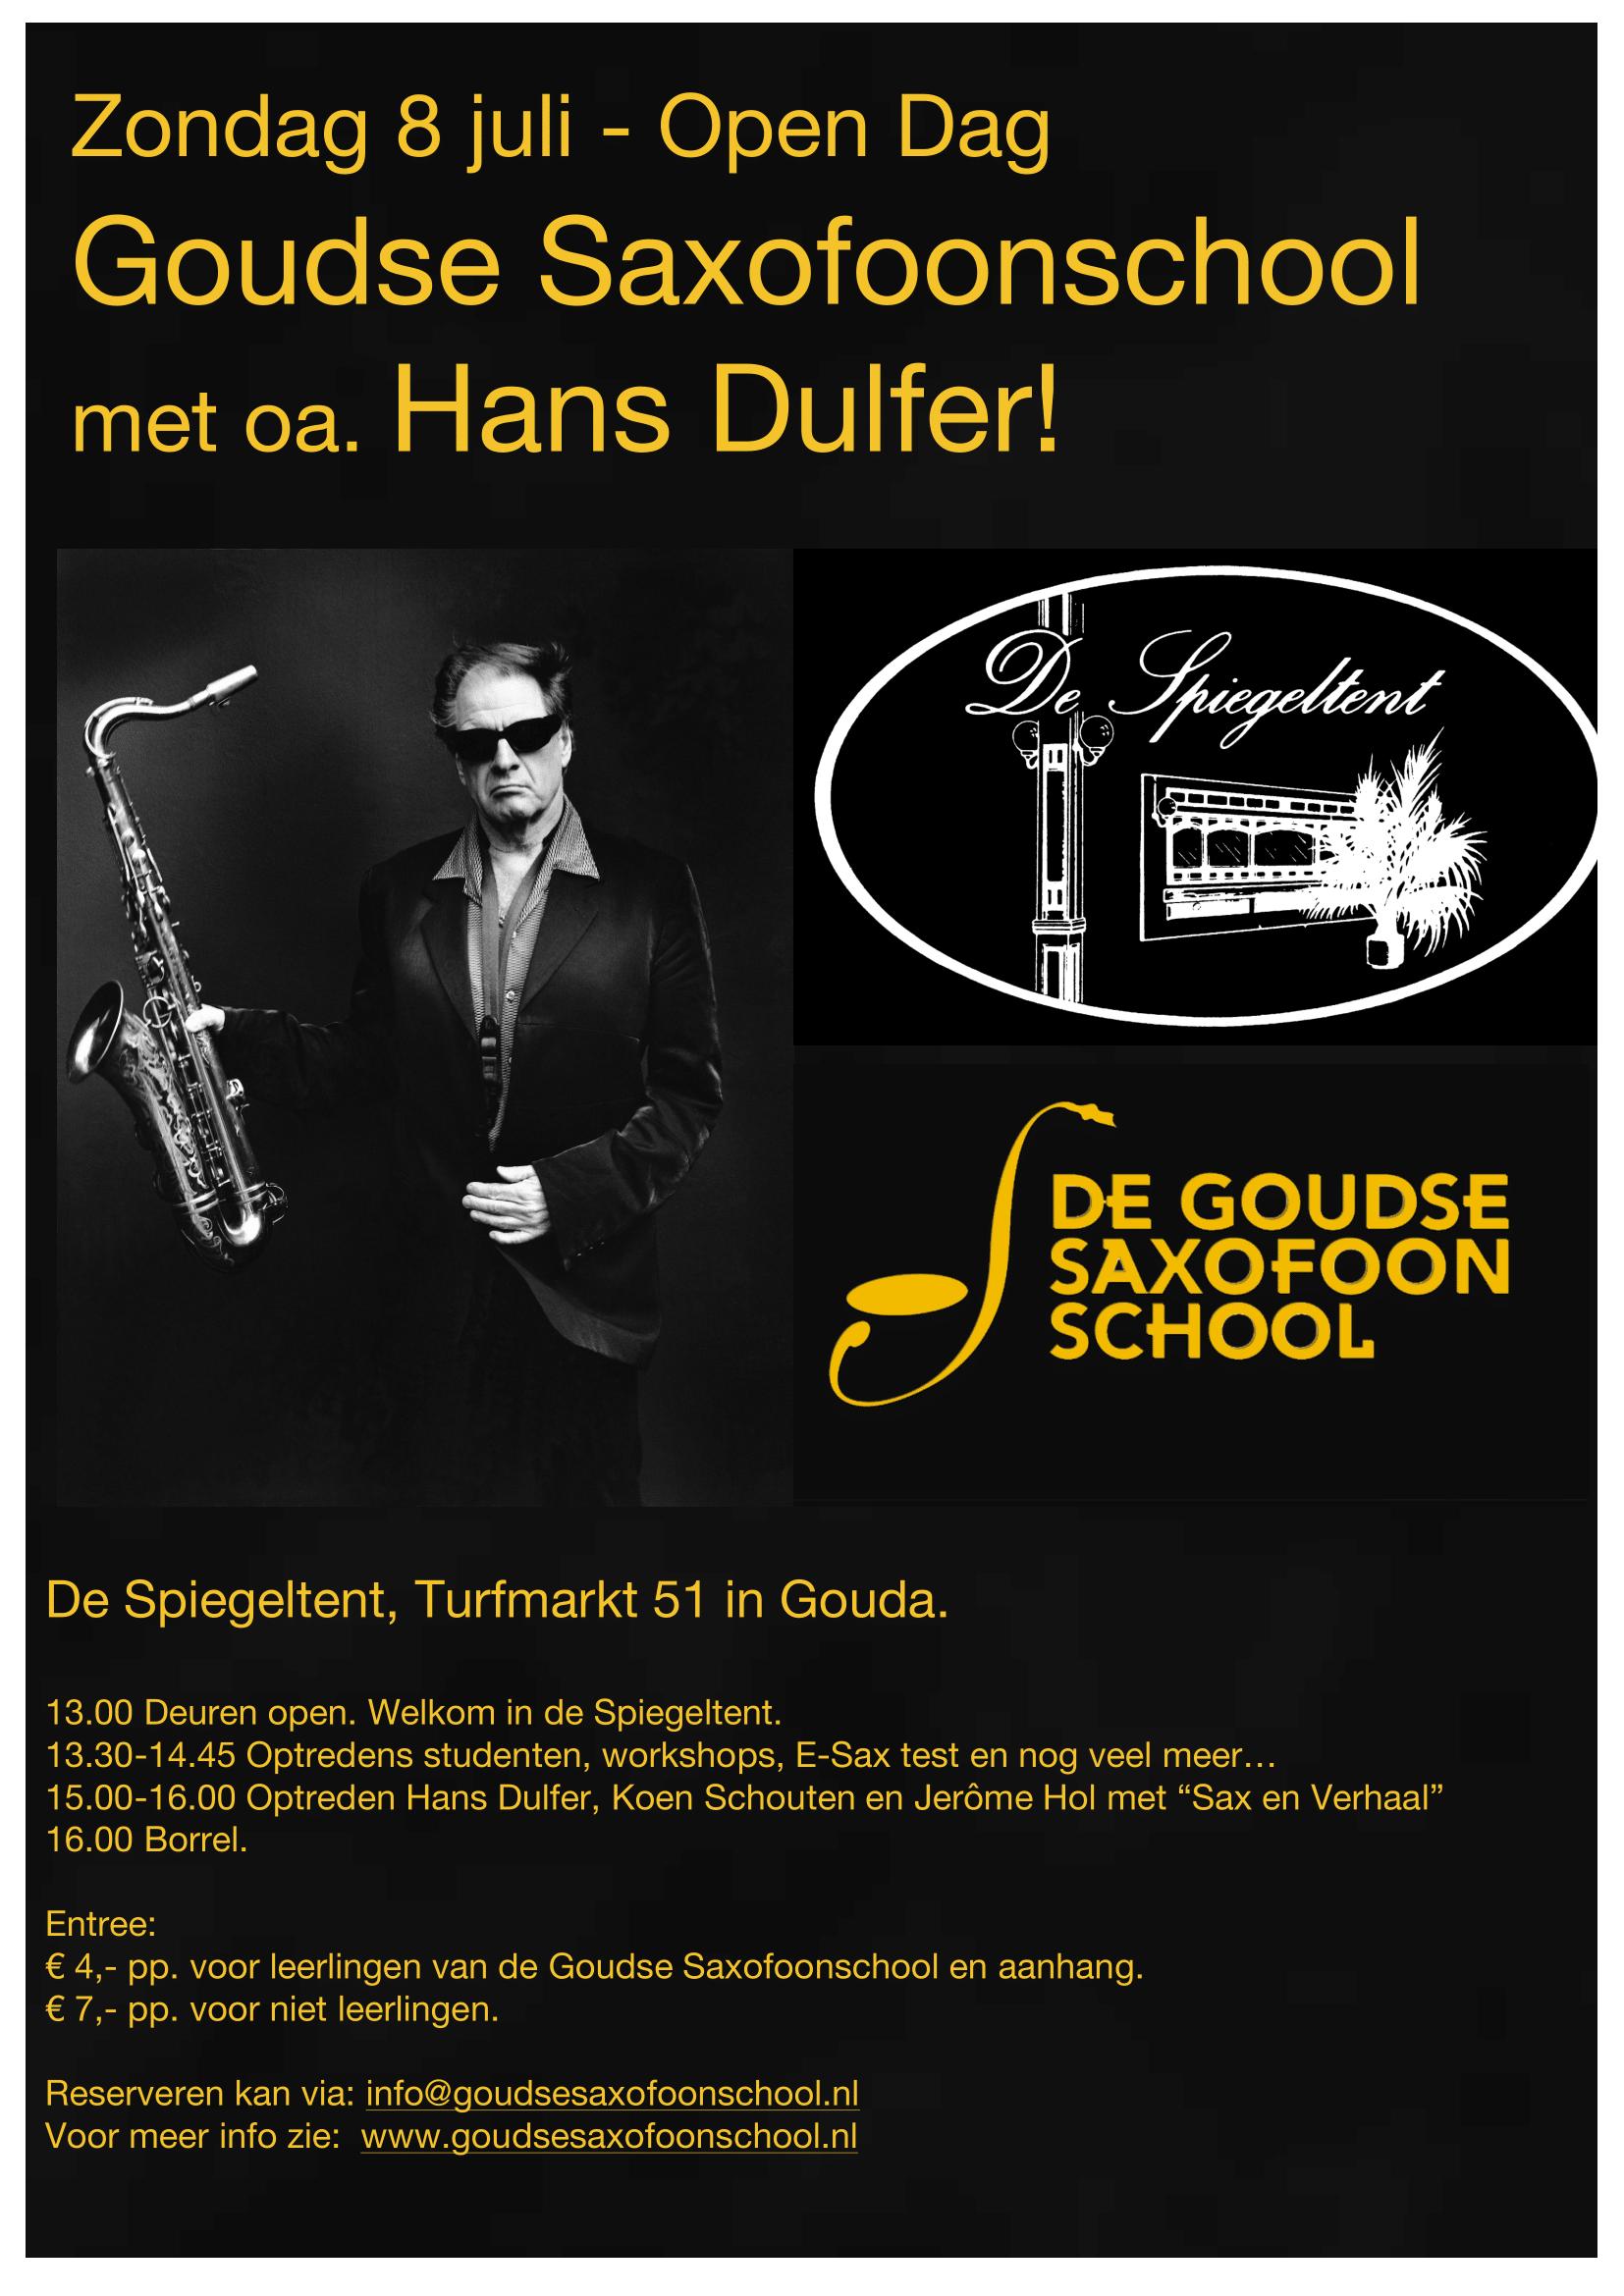 8 Juli Open Dag met oa. Hans Dulfer!